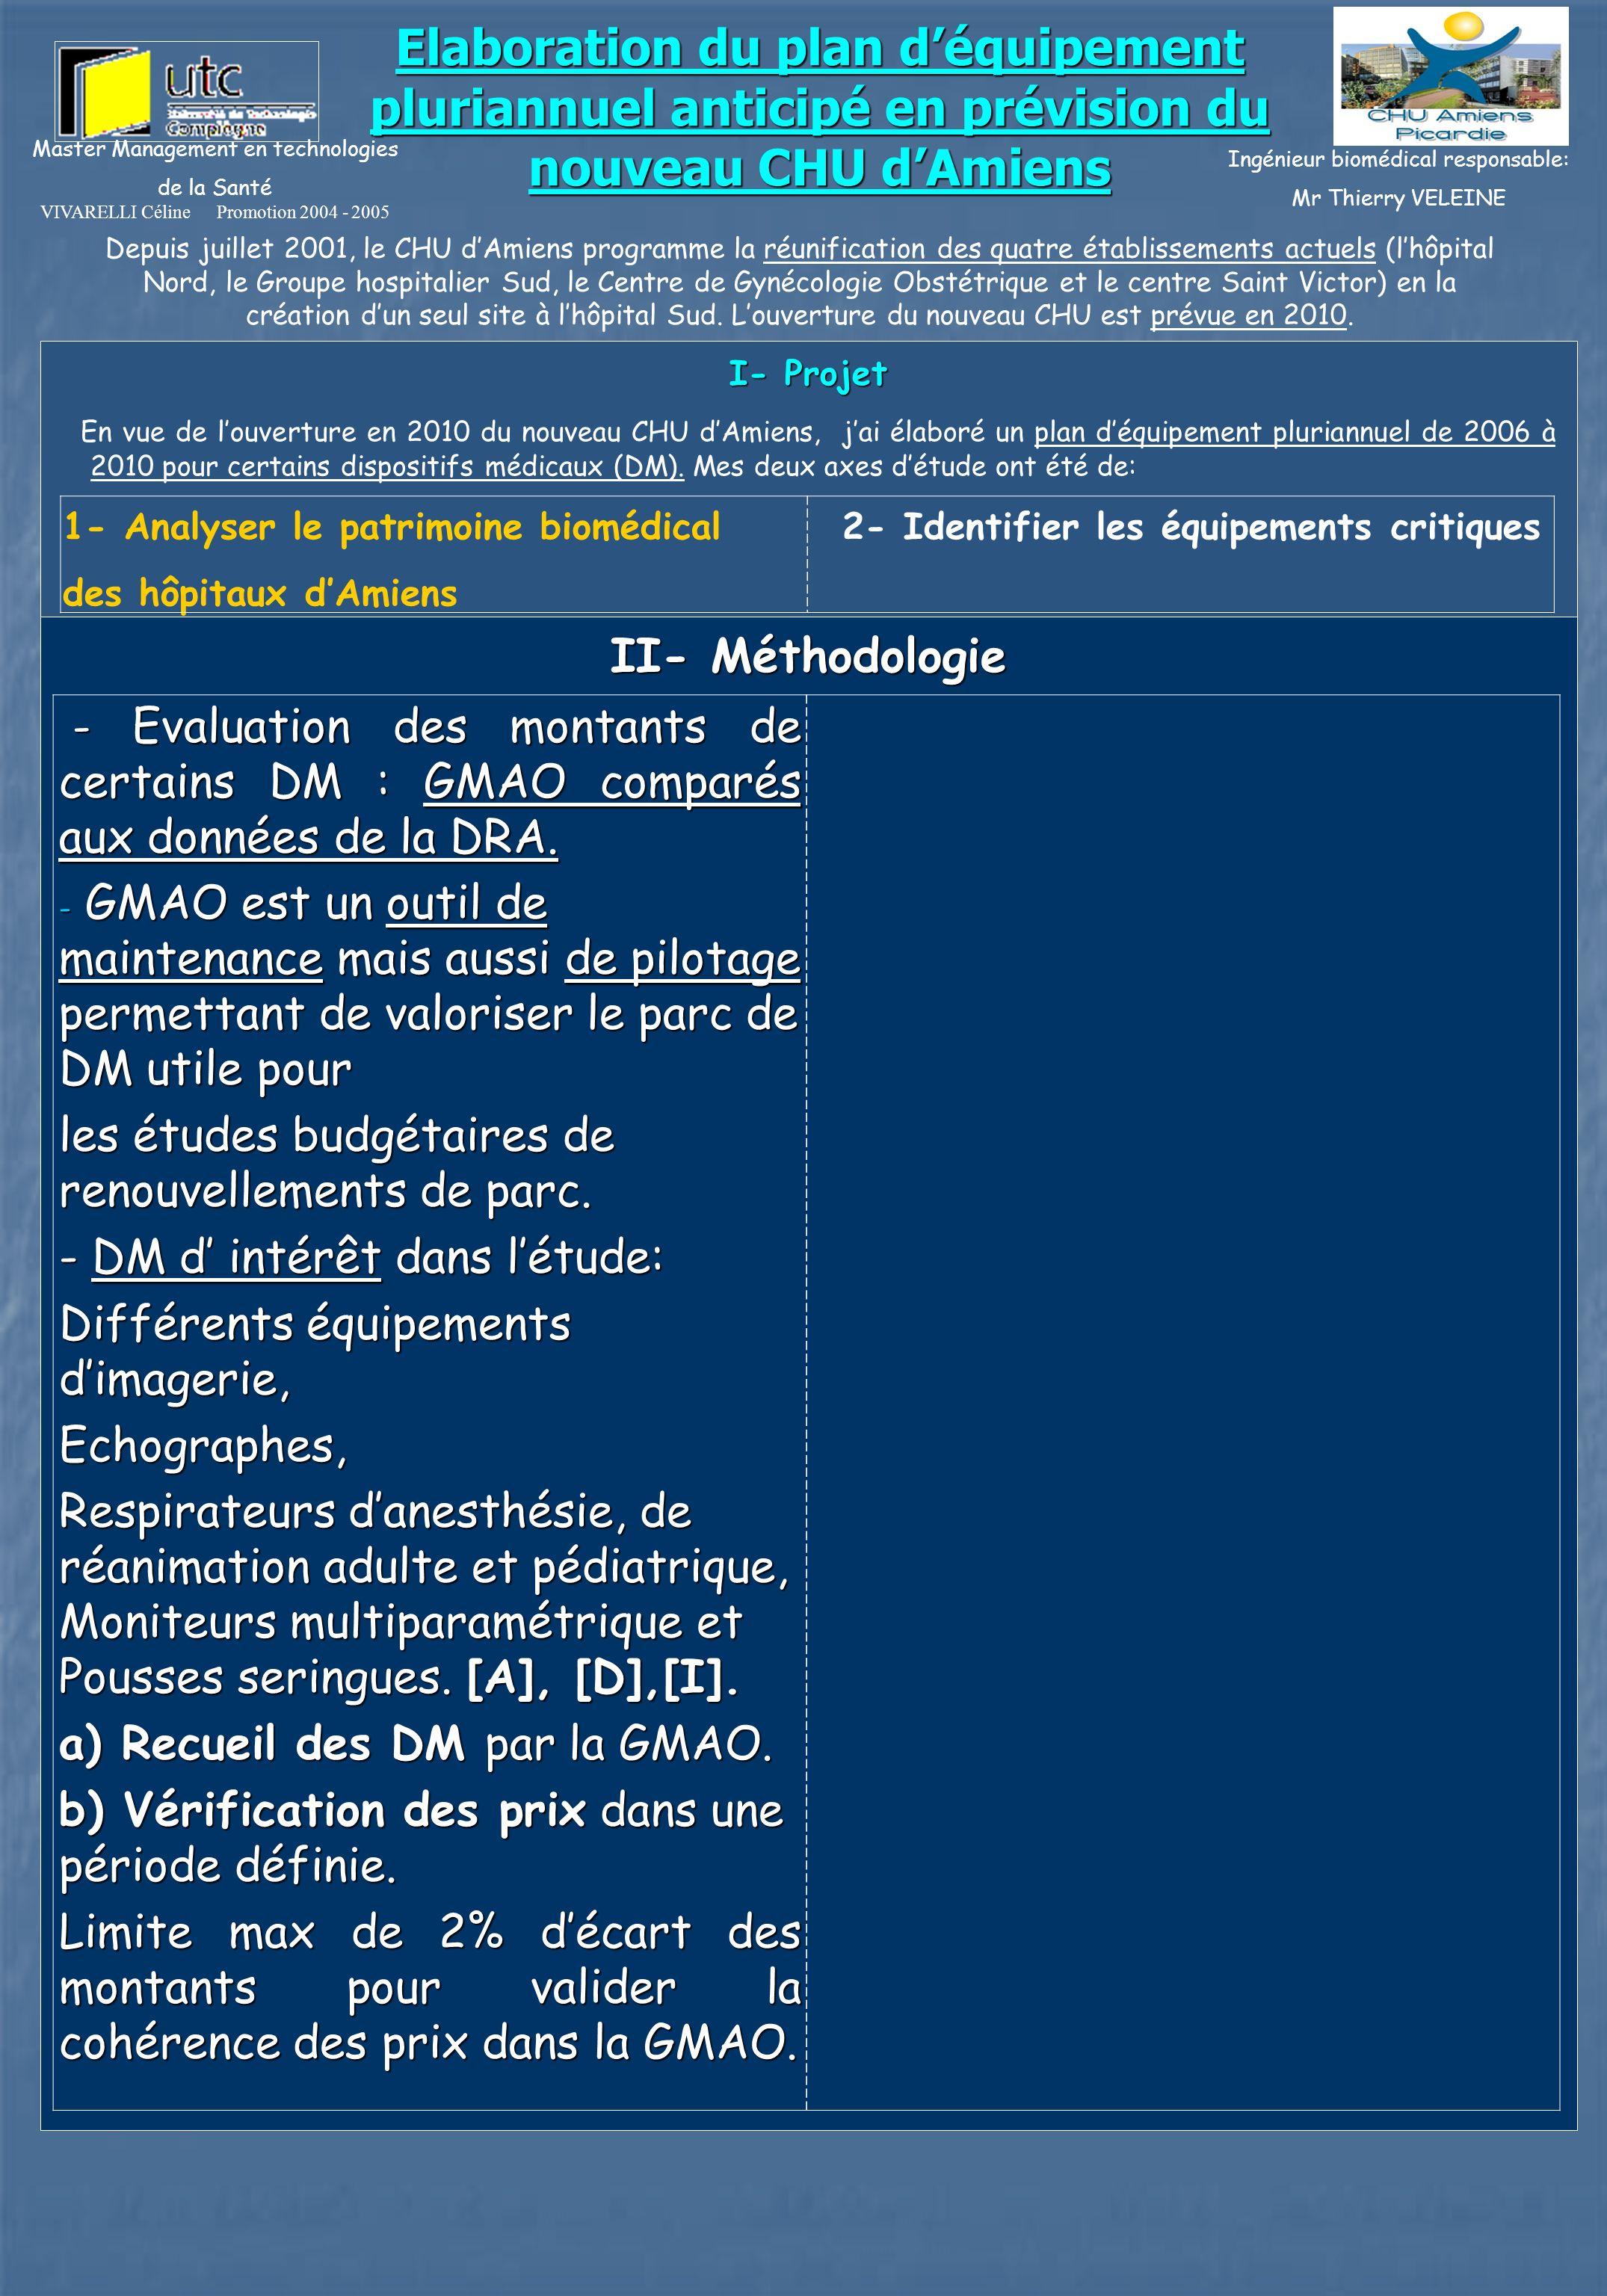 Depuis juillet 2001, le CHU dAmiens programme la réunification des quatre établissements actuels (lhôpital Nord, le Groupe hospitalier Sud, le Centre